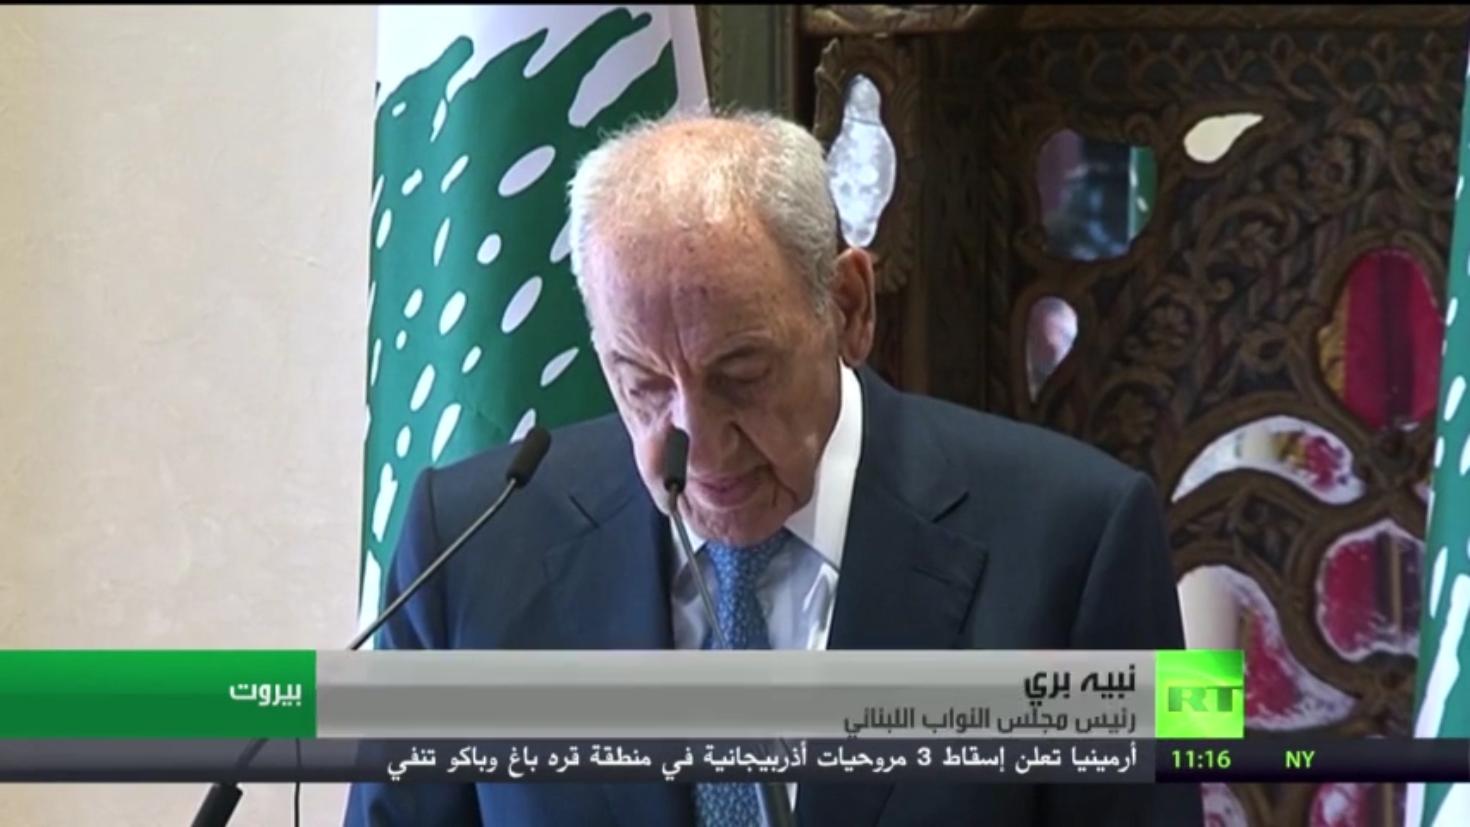 لبنان: مفاوضات لترسيم الحدود مع إسرائيل